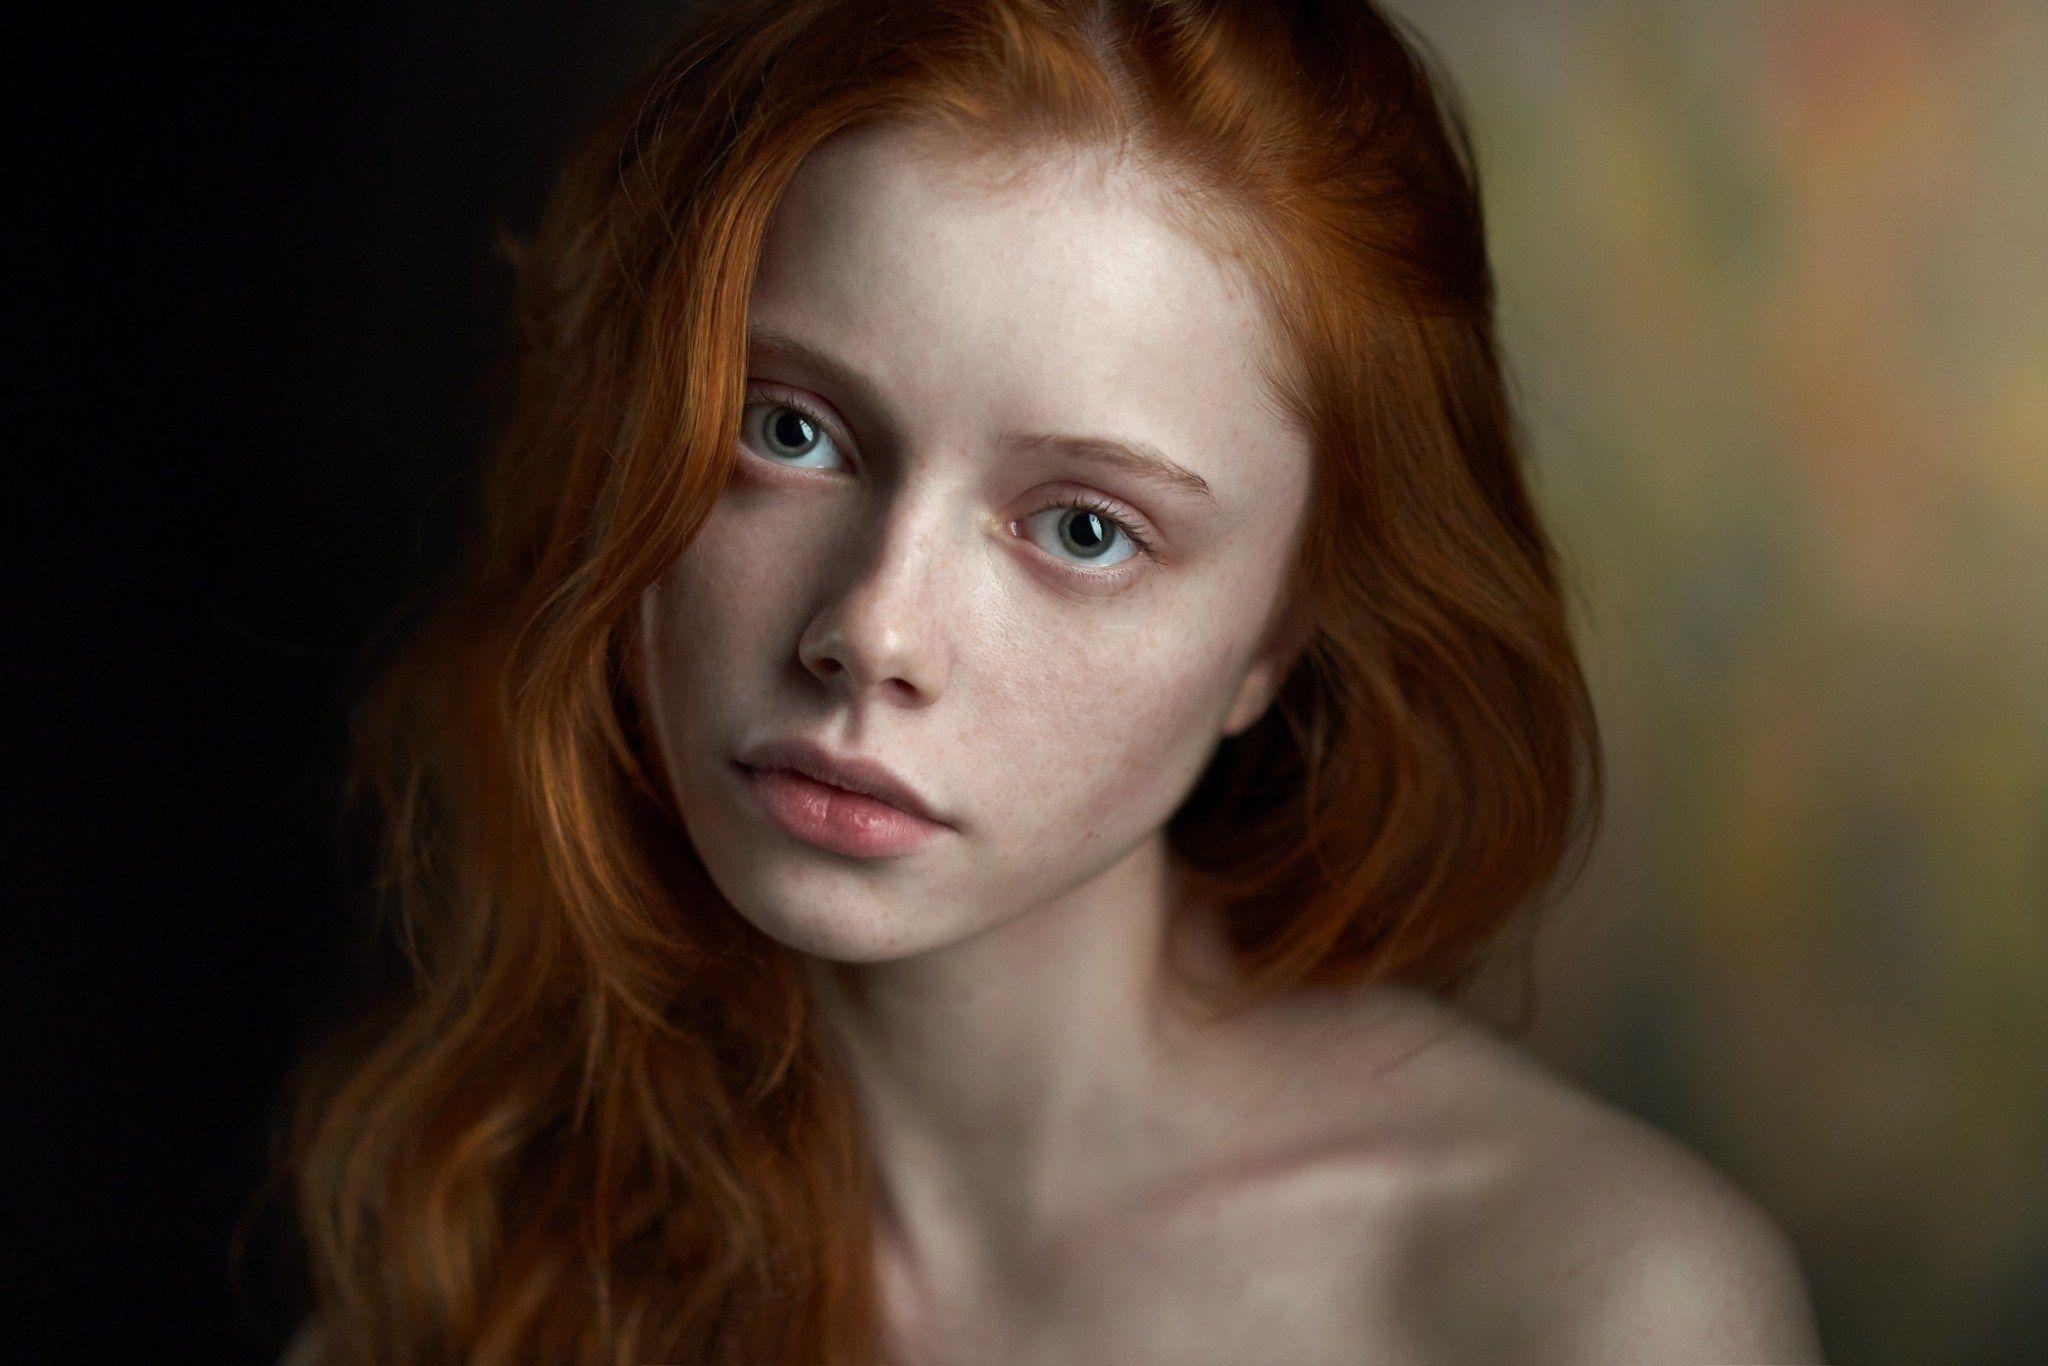 Braune Augen Fotos | + Braune Augen Bilder | Fotosearch